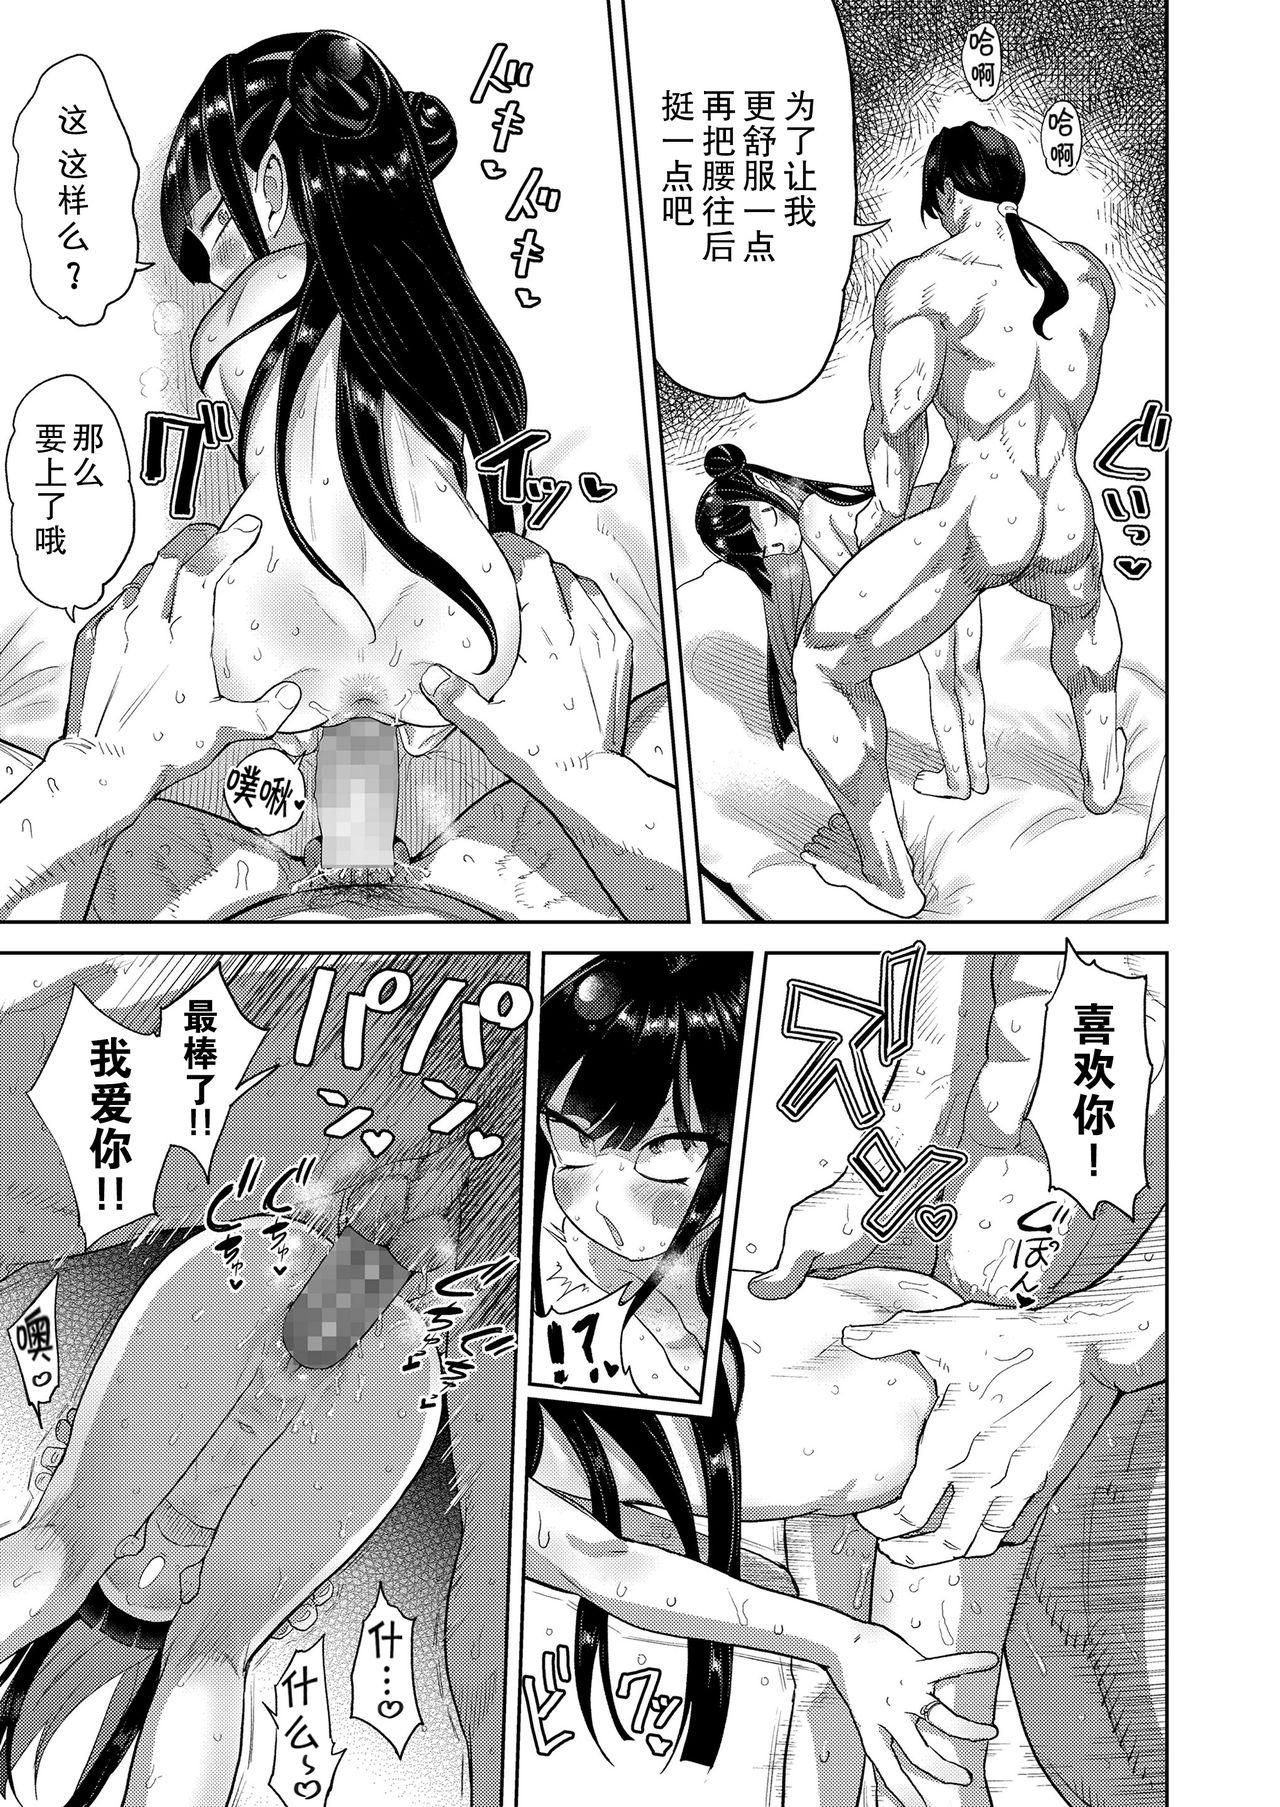 Towako Oboro Emaki Go 52